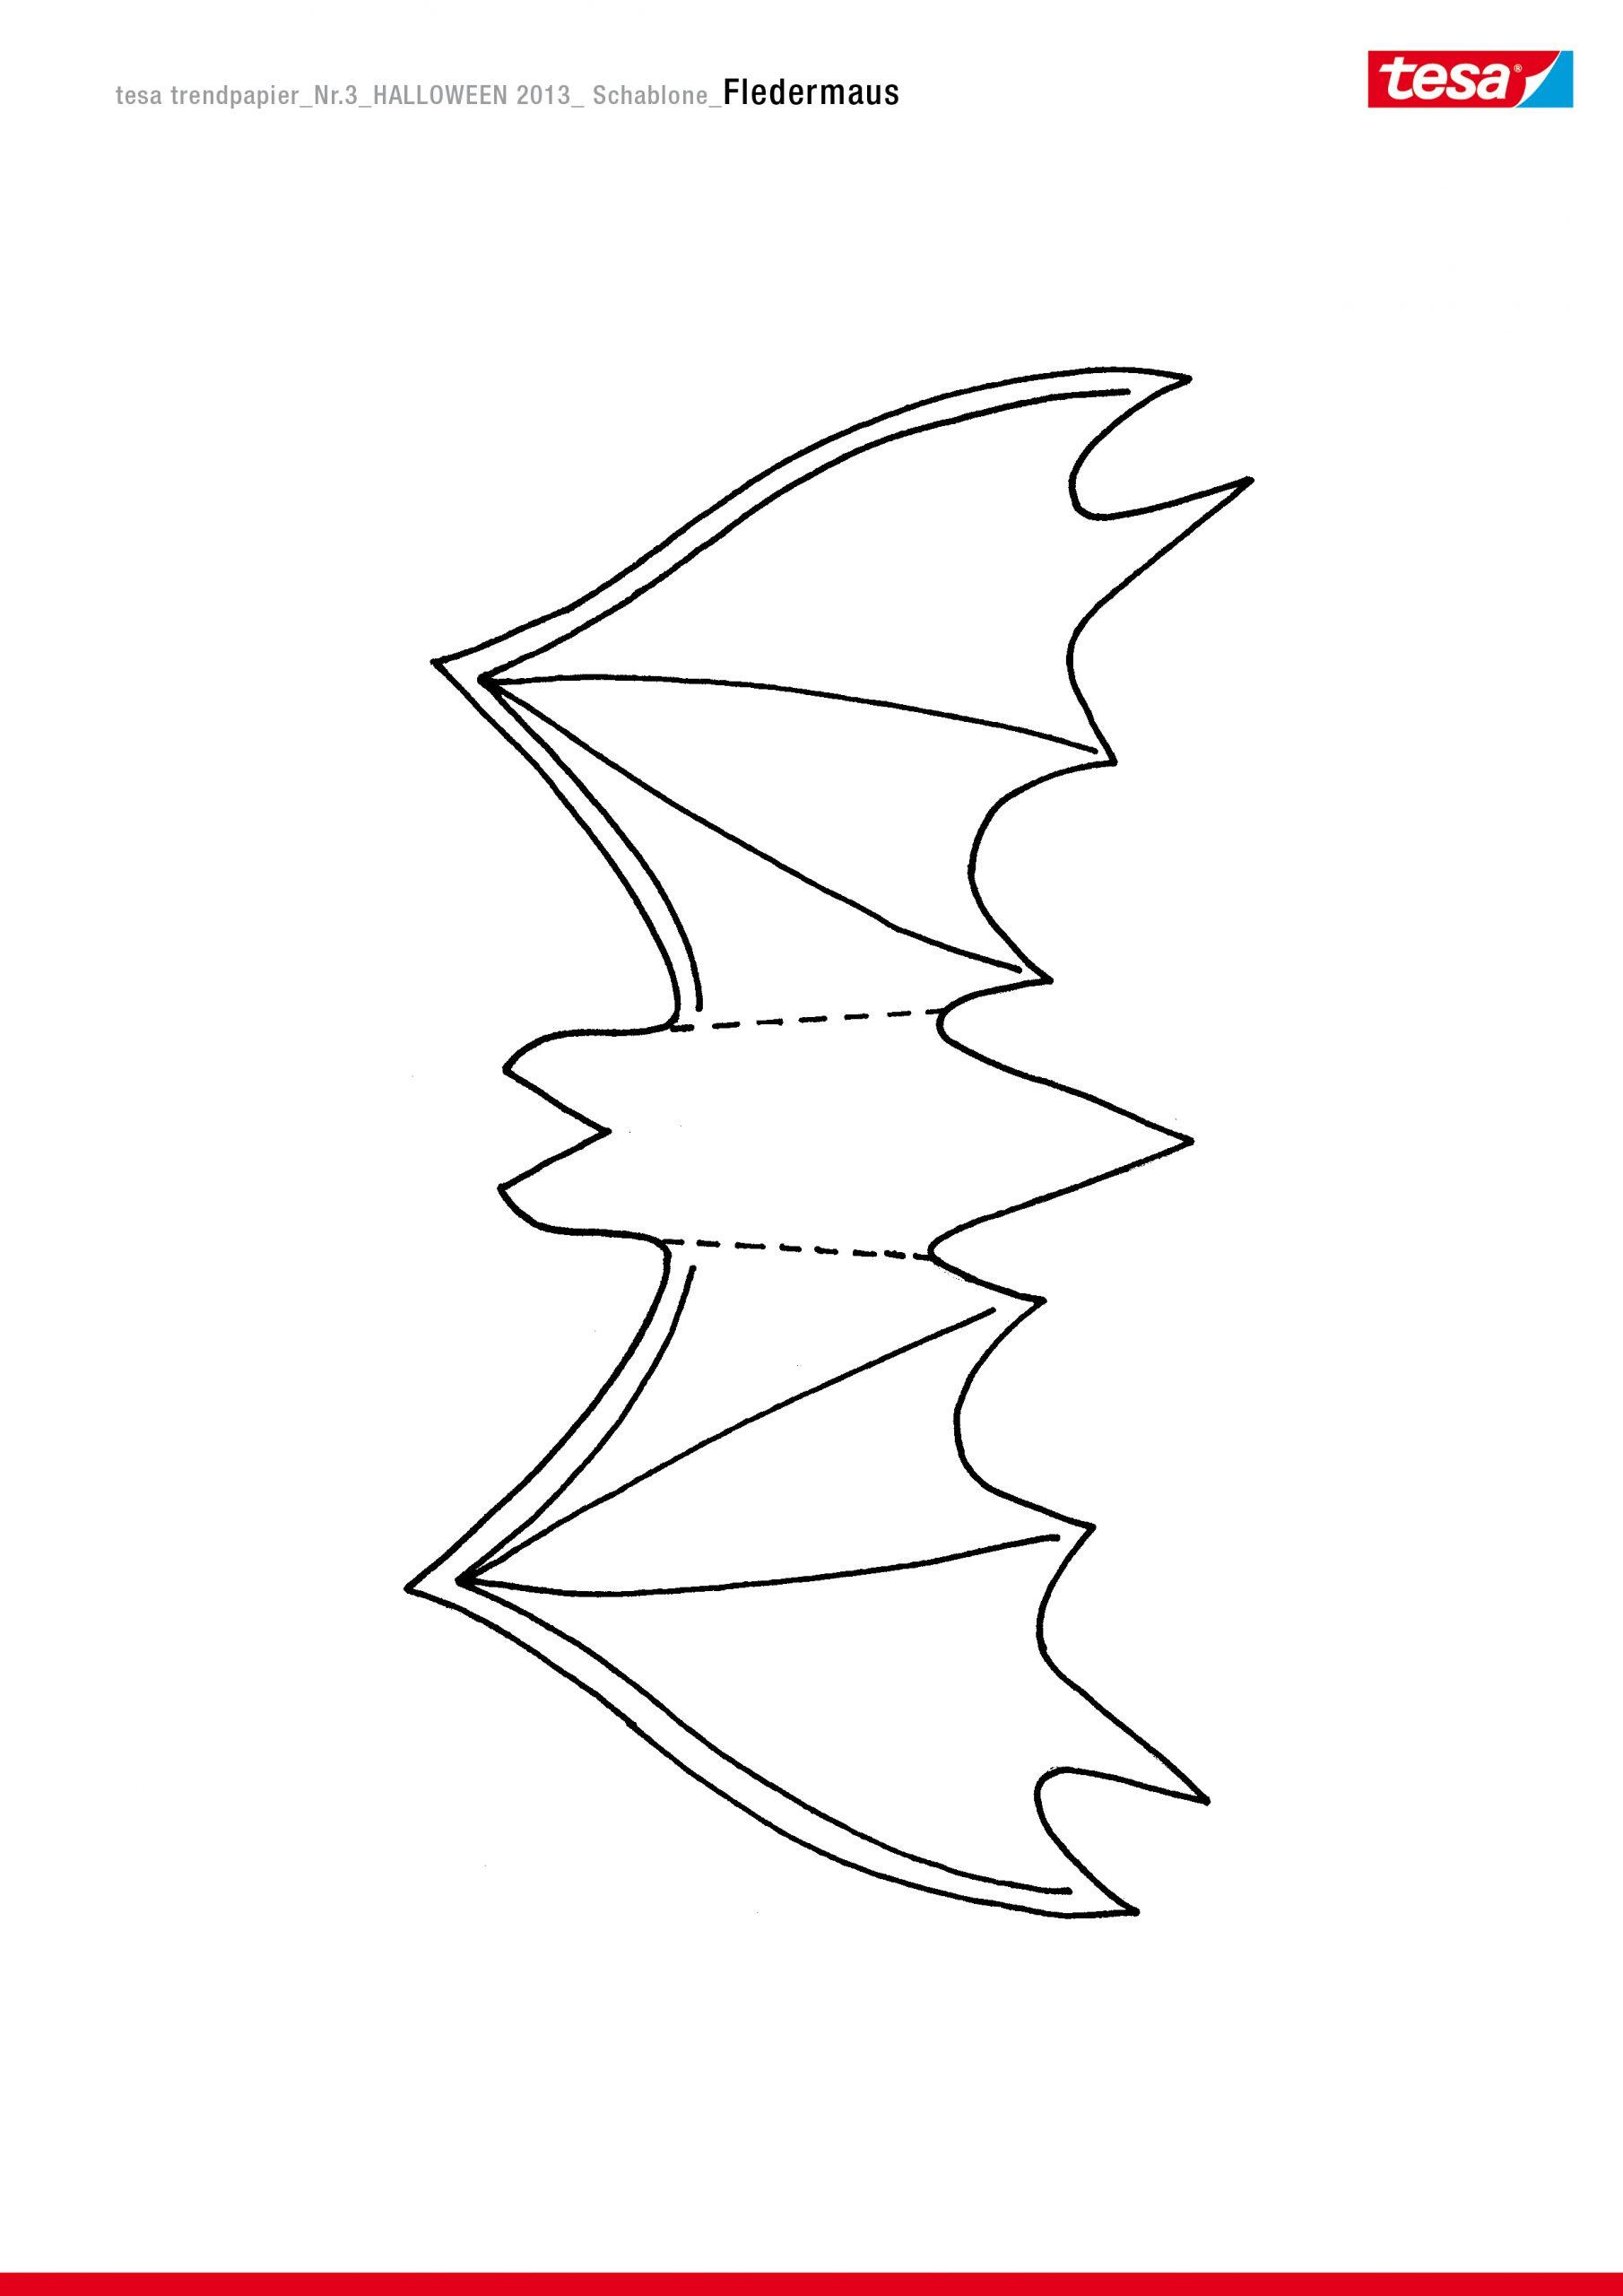 Glitzernde Fledermäuse - Tesa bestimmt für Fledermaus Schablonen Zum Ausdrucken